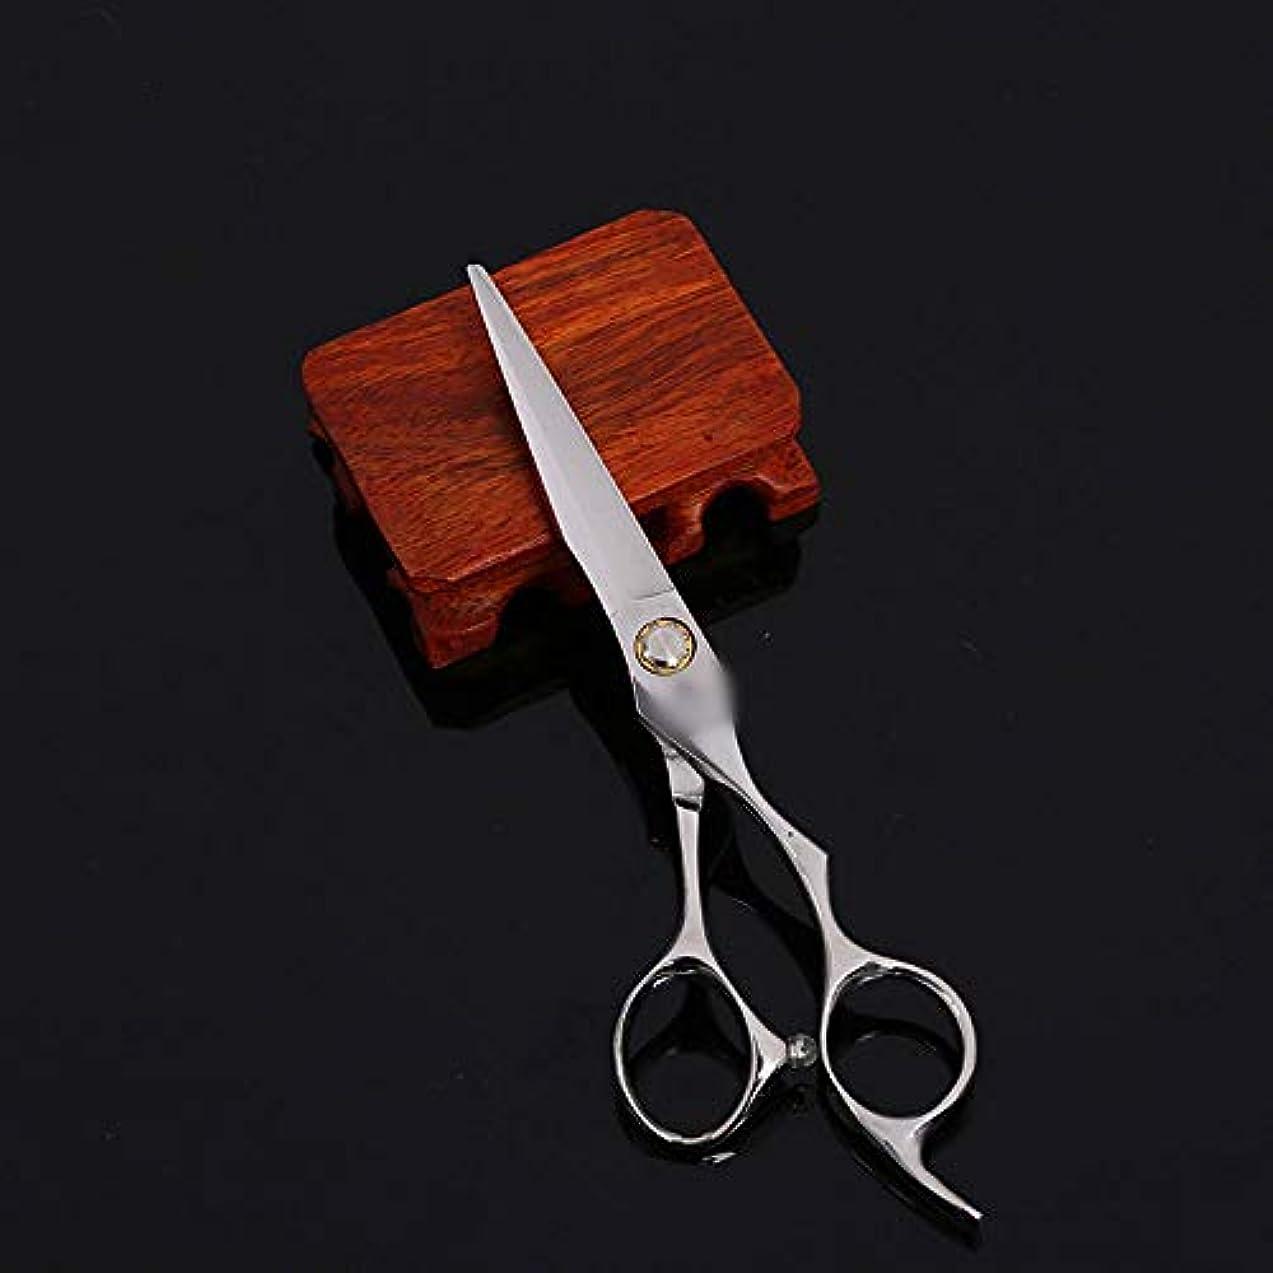 ボンド関係する影響するGoodsok-jp 6インチの美容院の専門の上限の理髪はさみの平らなせん断セット (色 : Silver)